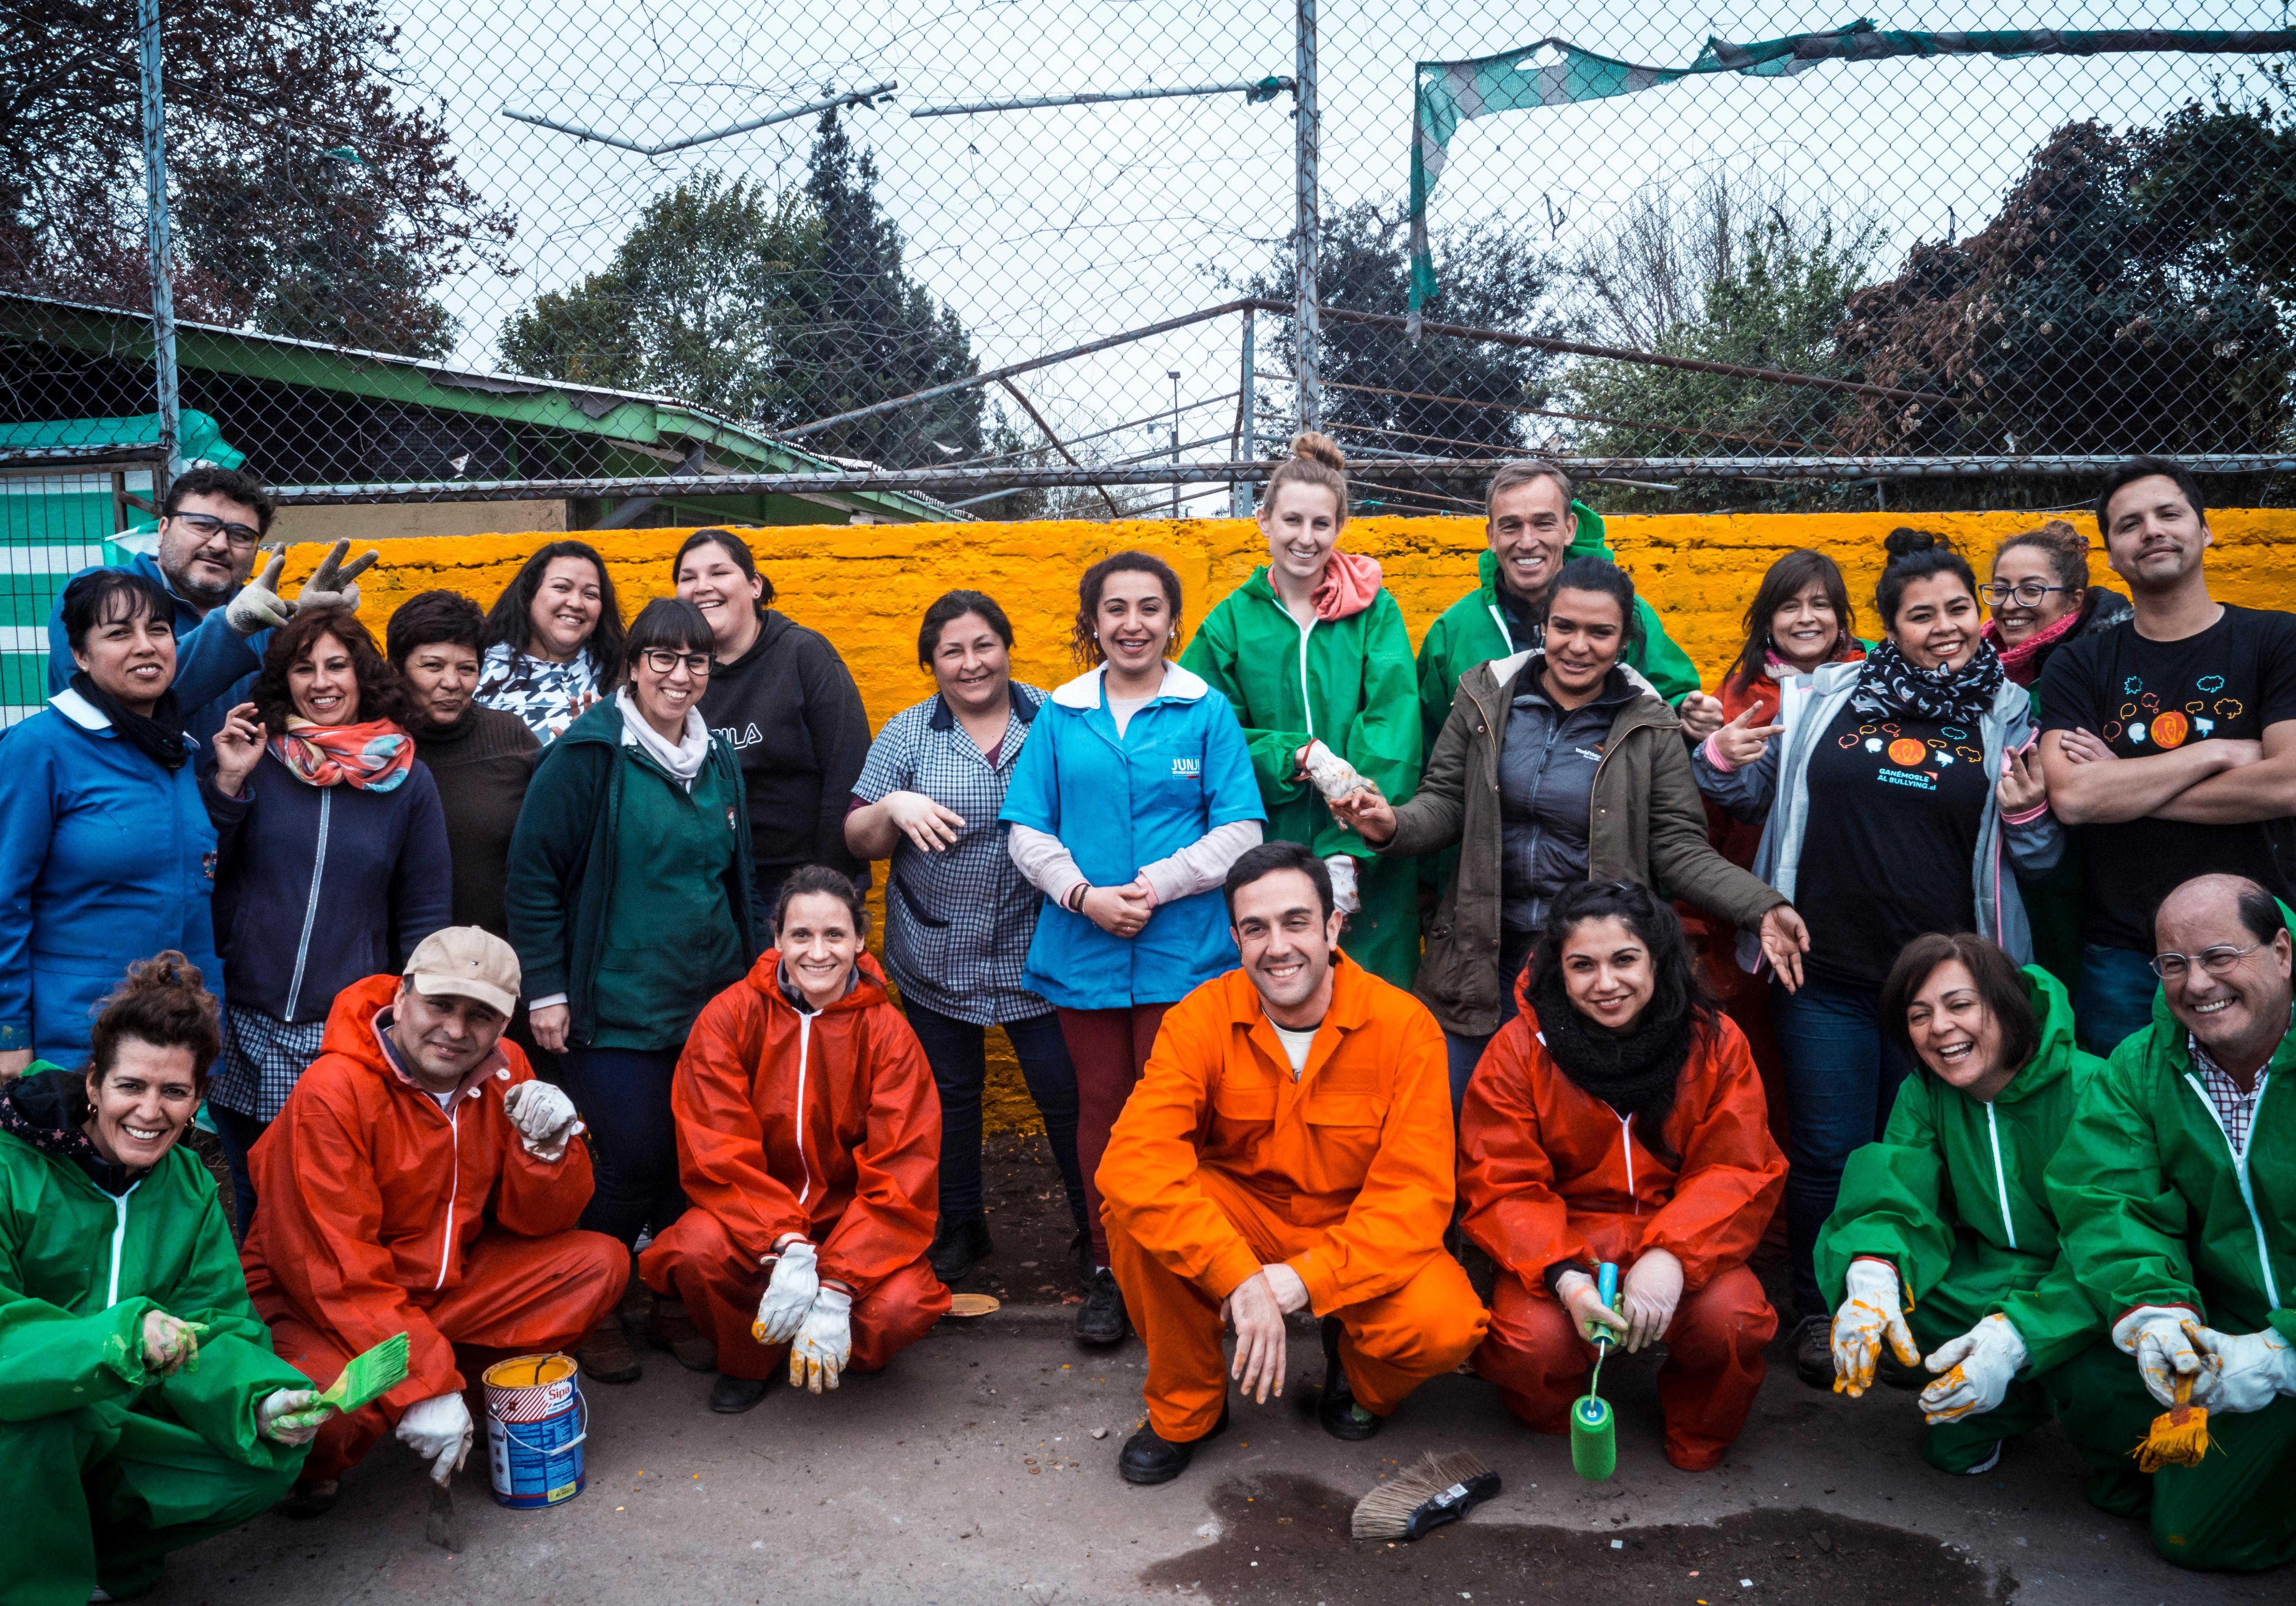 Voluntariado Corporativo: Ayuda a la comunidad de forma concreta